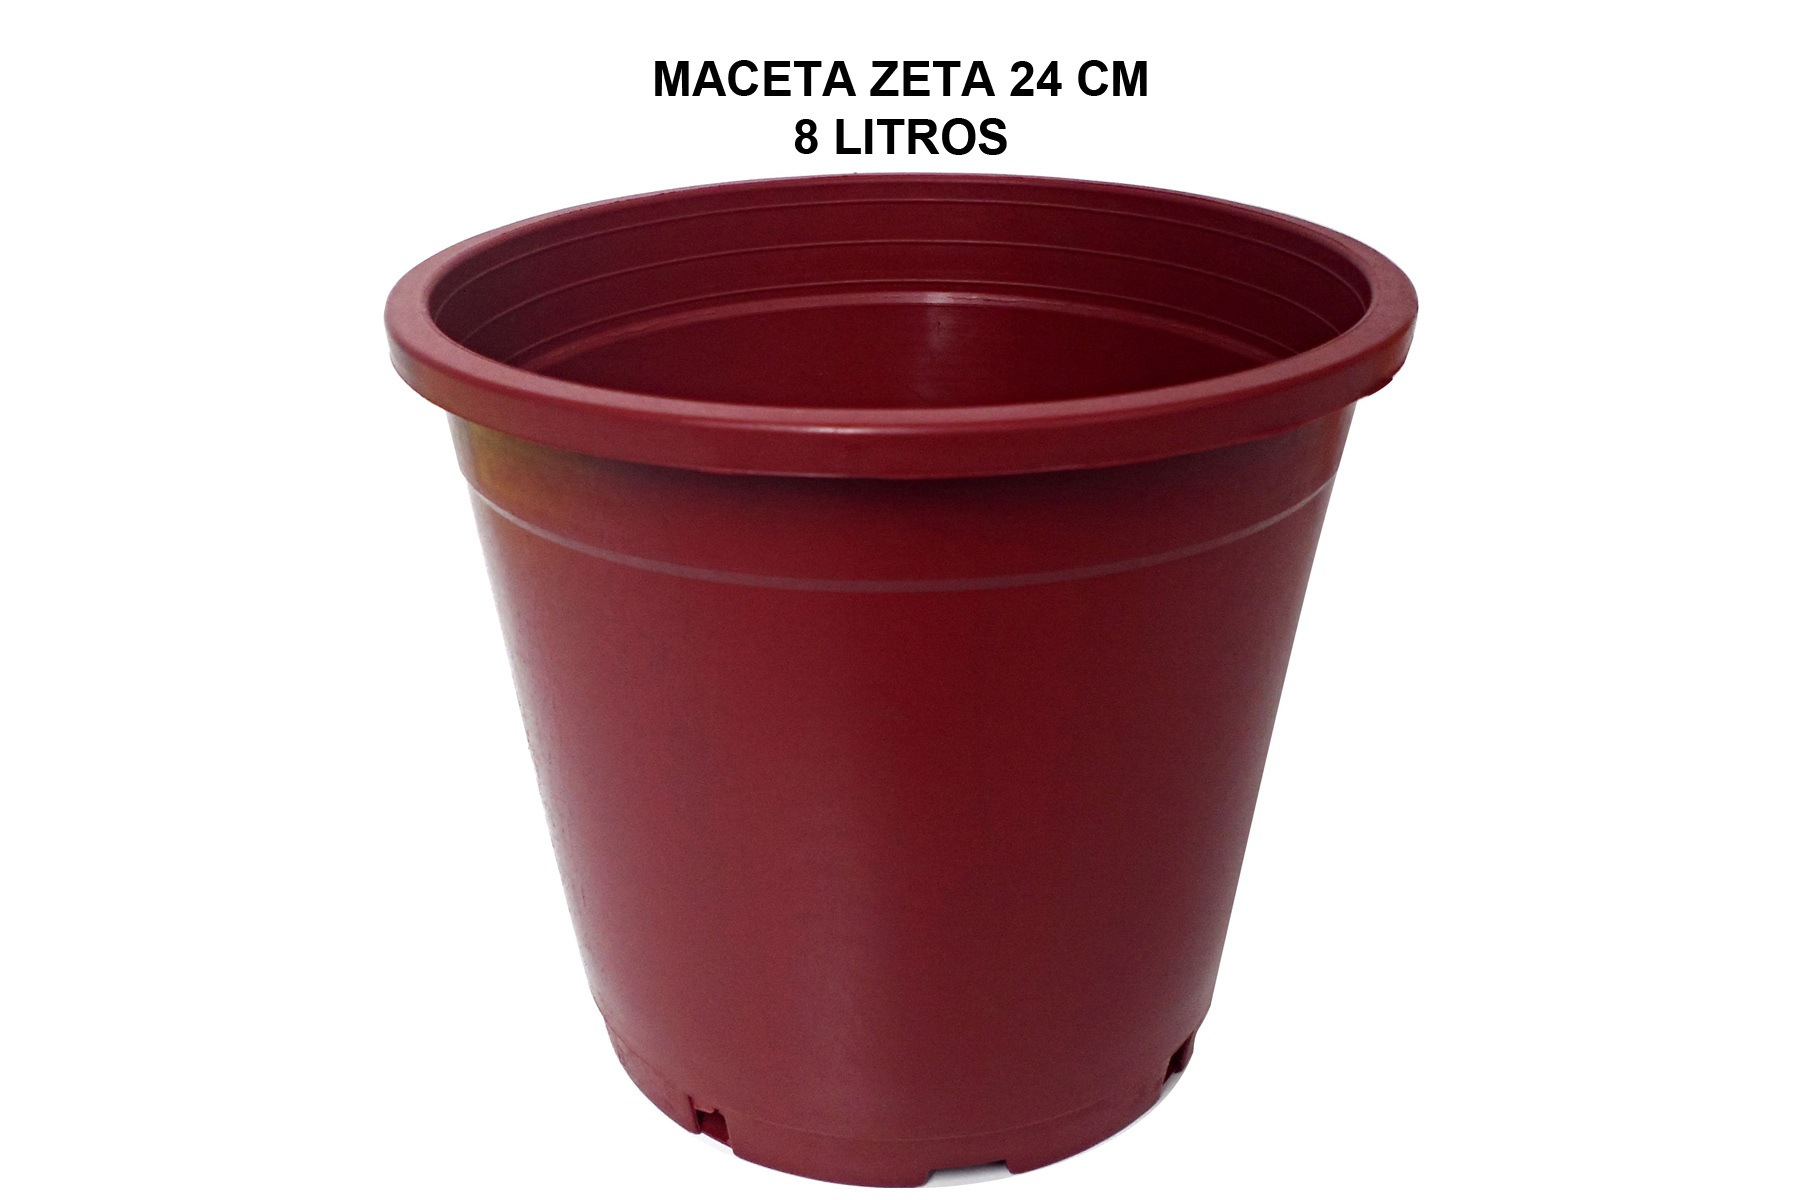 MACETA ZETA 24 CM